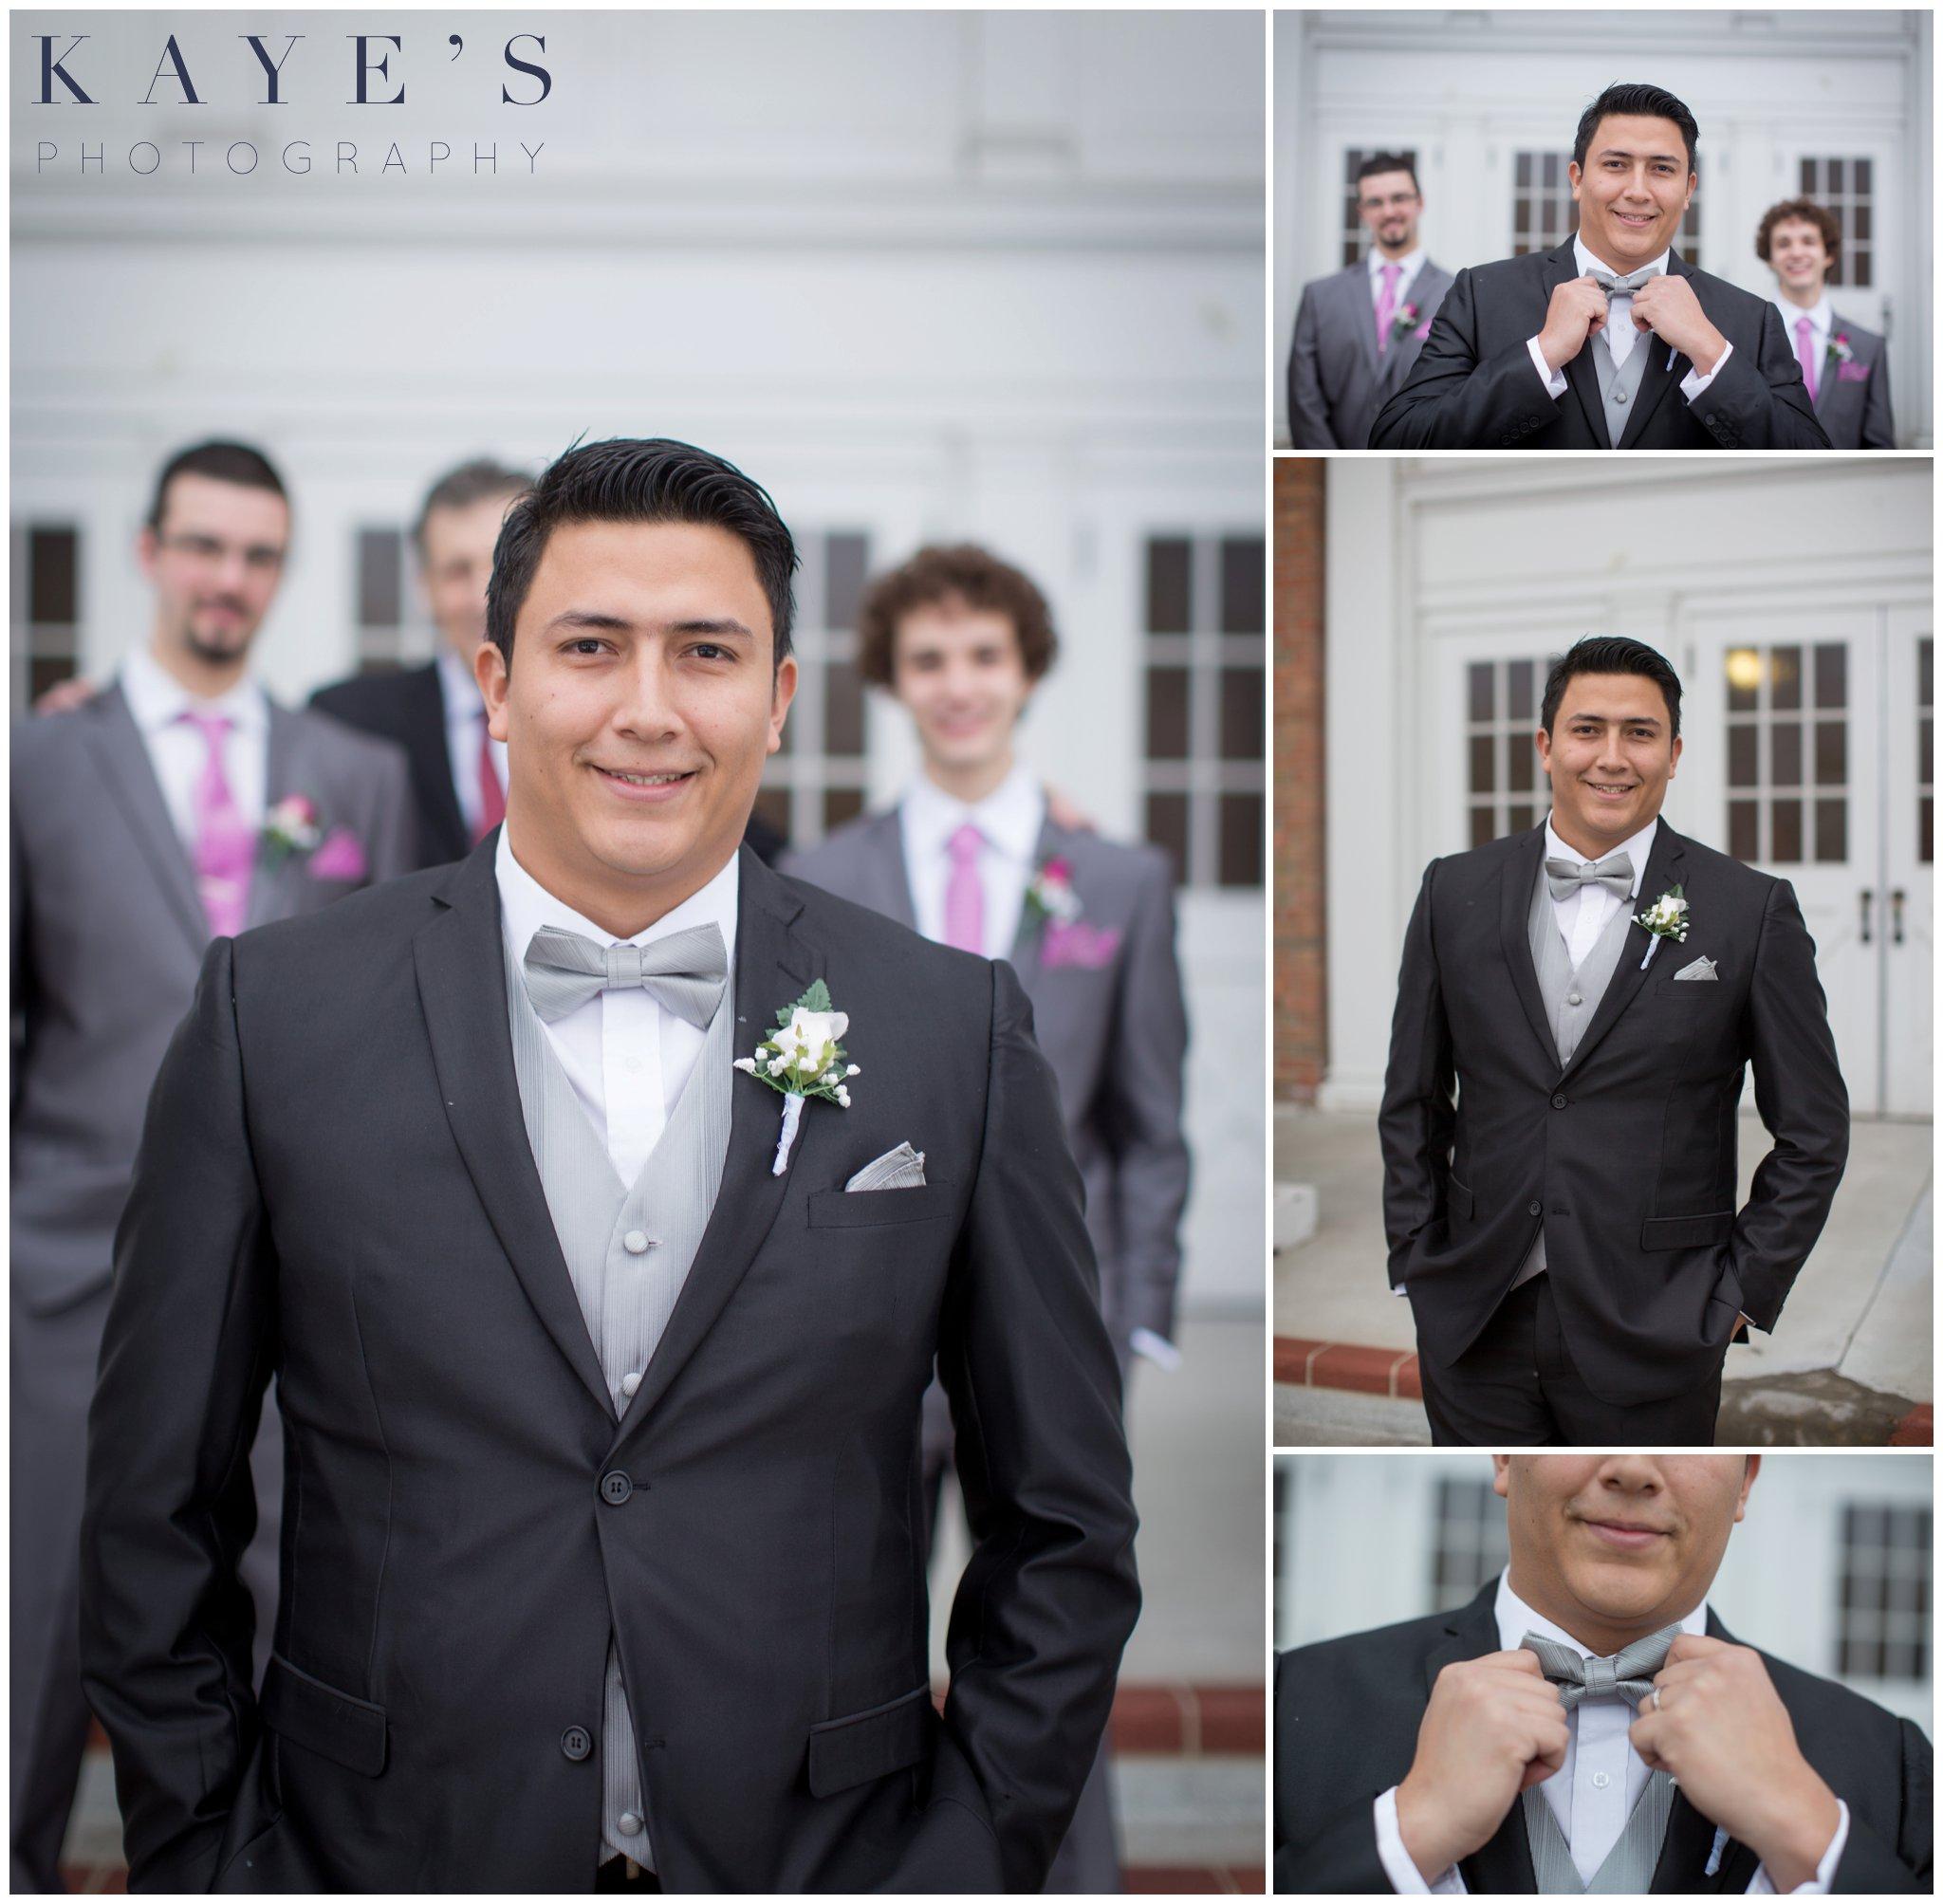 Clarkston grooms, Clarkston wedding, Clarkston wedding ideas, Clarkston reception, groom details, groom alone, groom fixing bowtie, groom shots, groom by himself